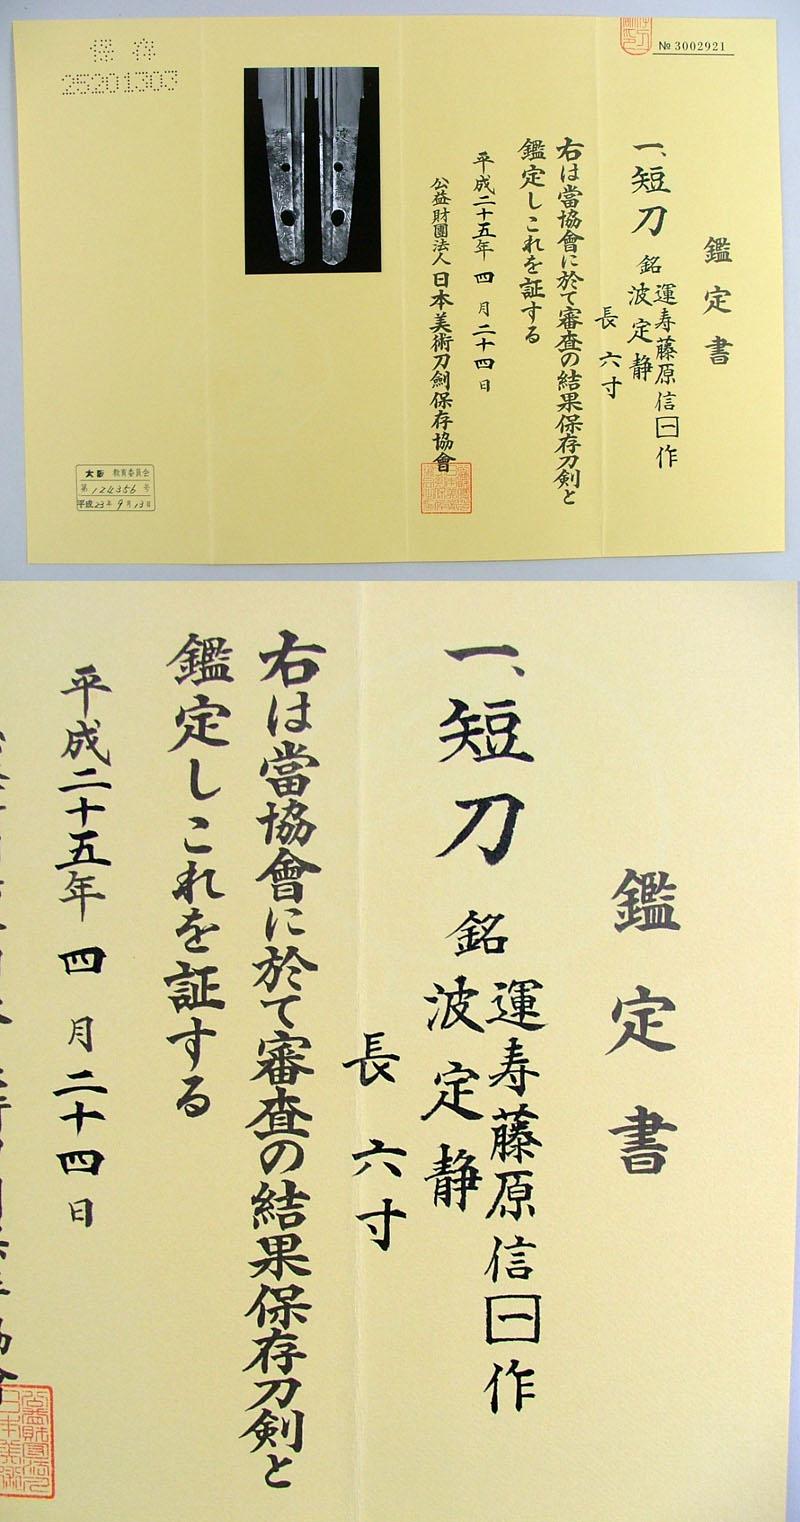 運寿藤原信一作 波定静(運寿藤原是一門人・綾部藩工) Picture of Certificate